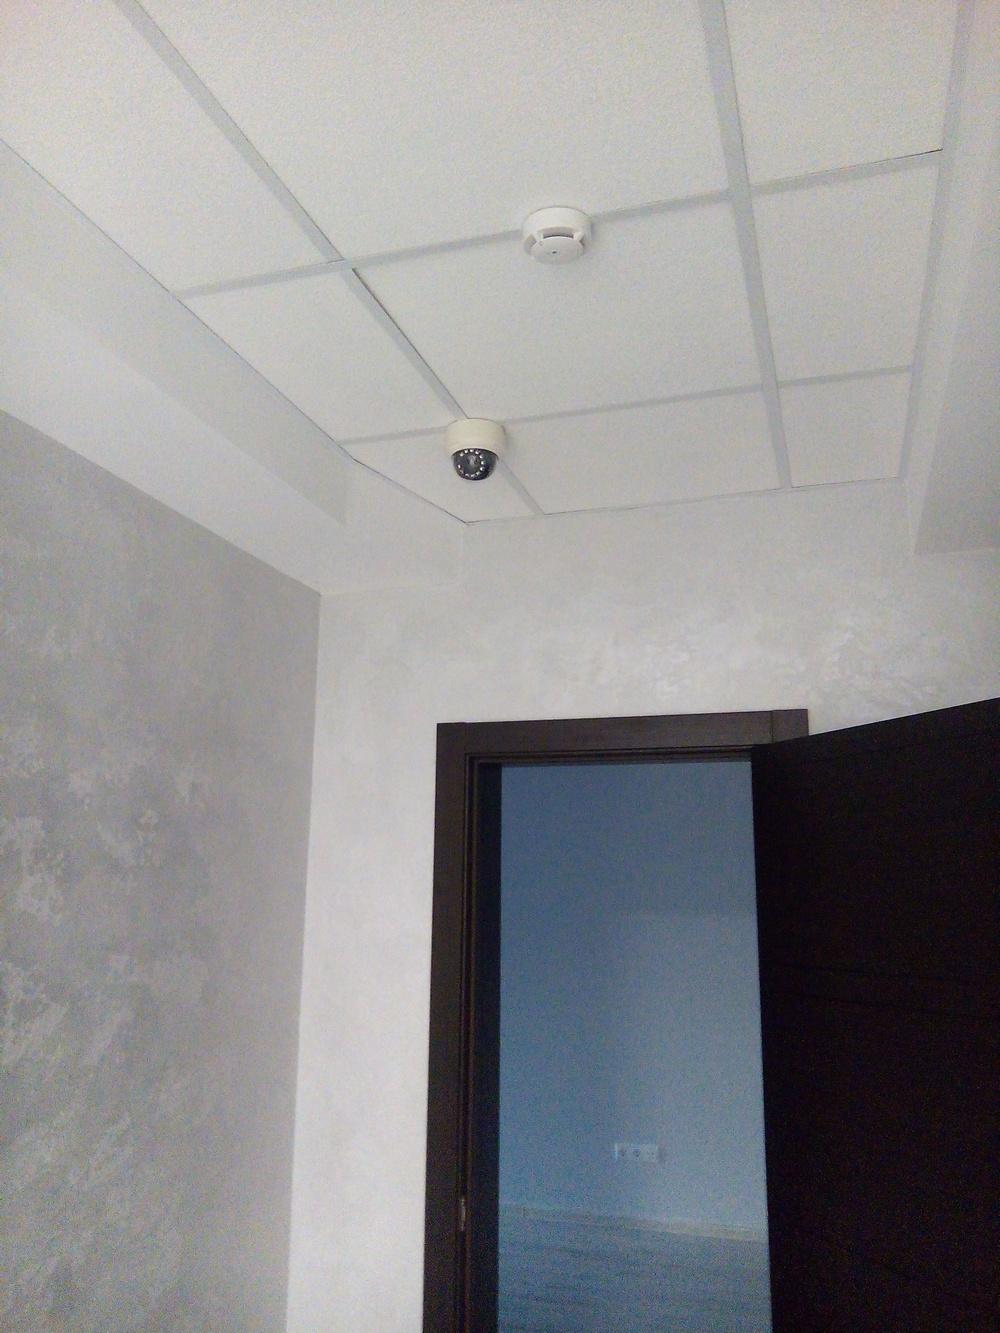 Беспроводная ip-камера wi-fi для систем видеонаблюдения